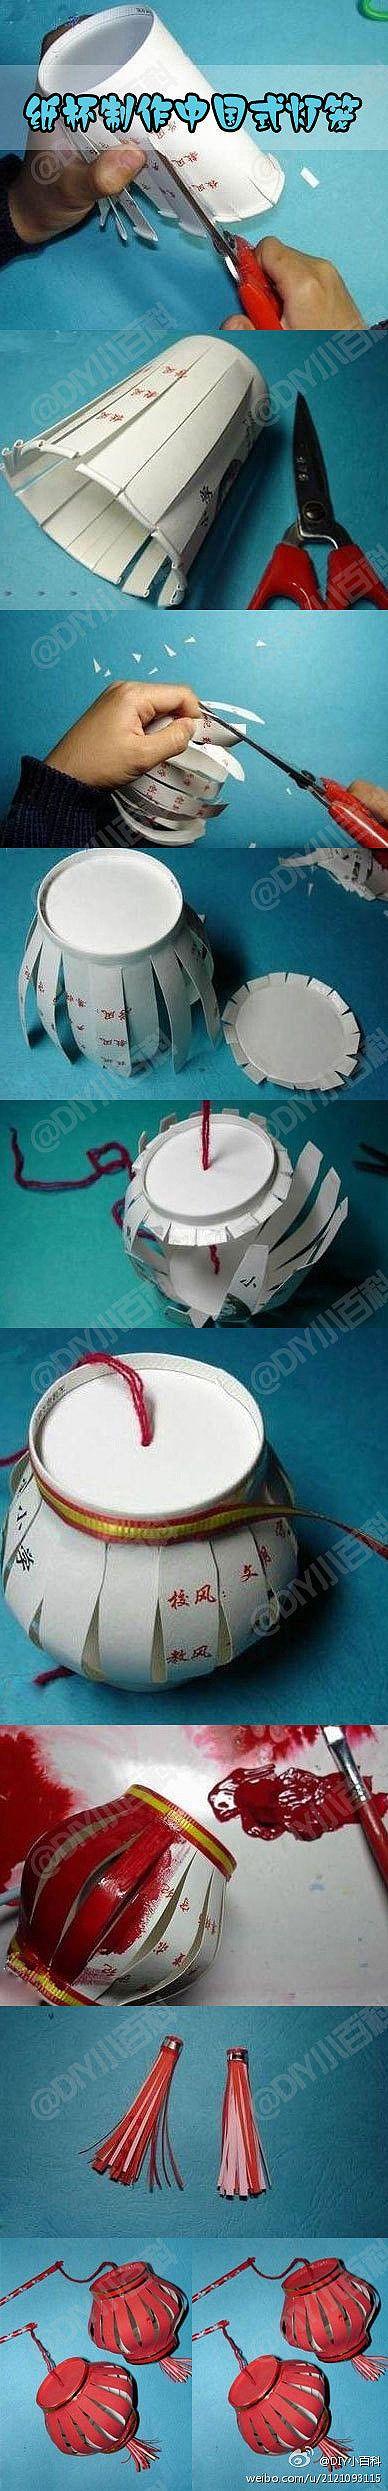 手工DIY 巧用纸杯制作中国式灯笼,准备材料:剪刀…